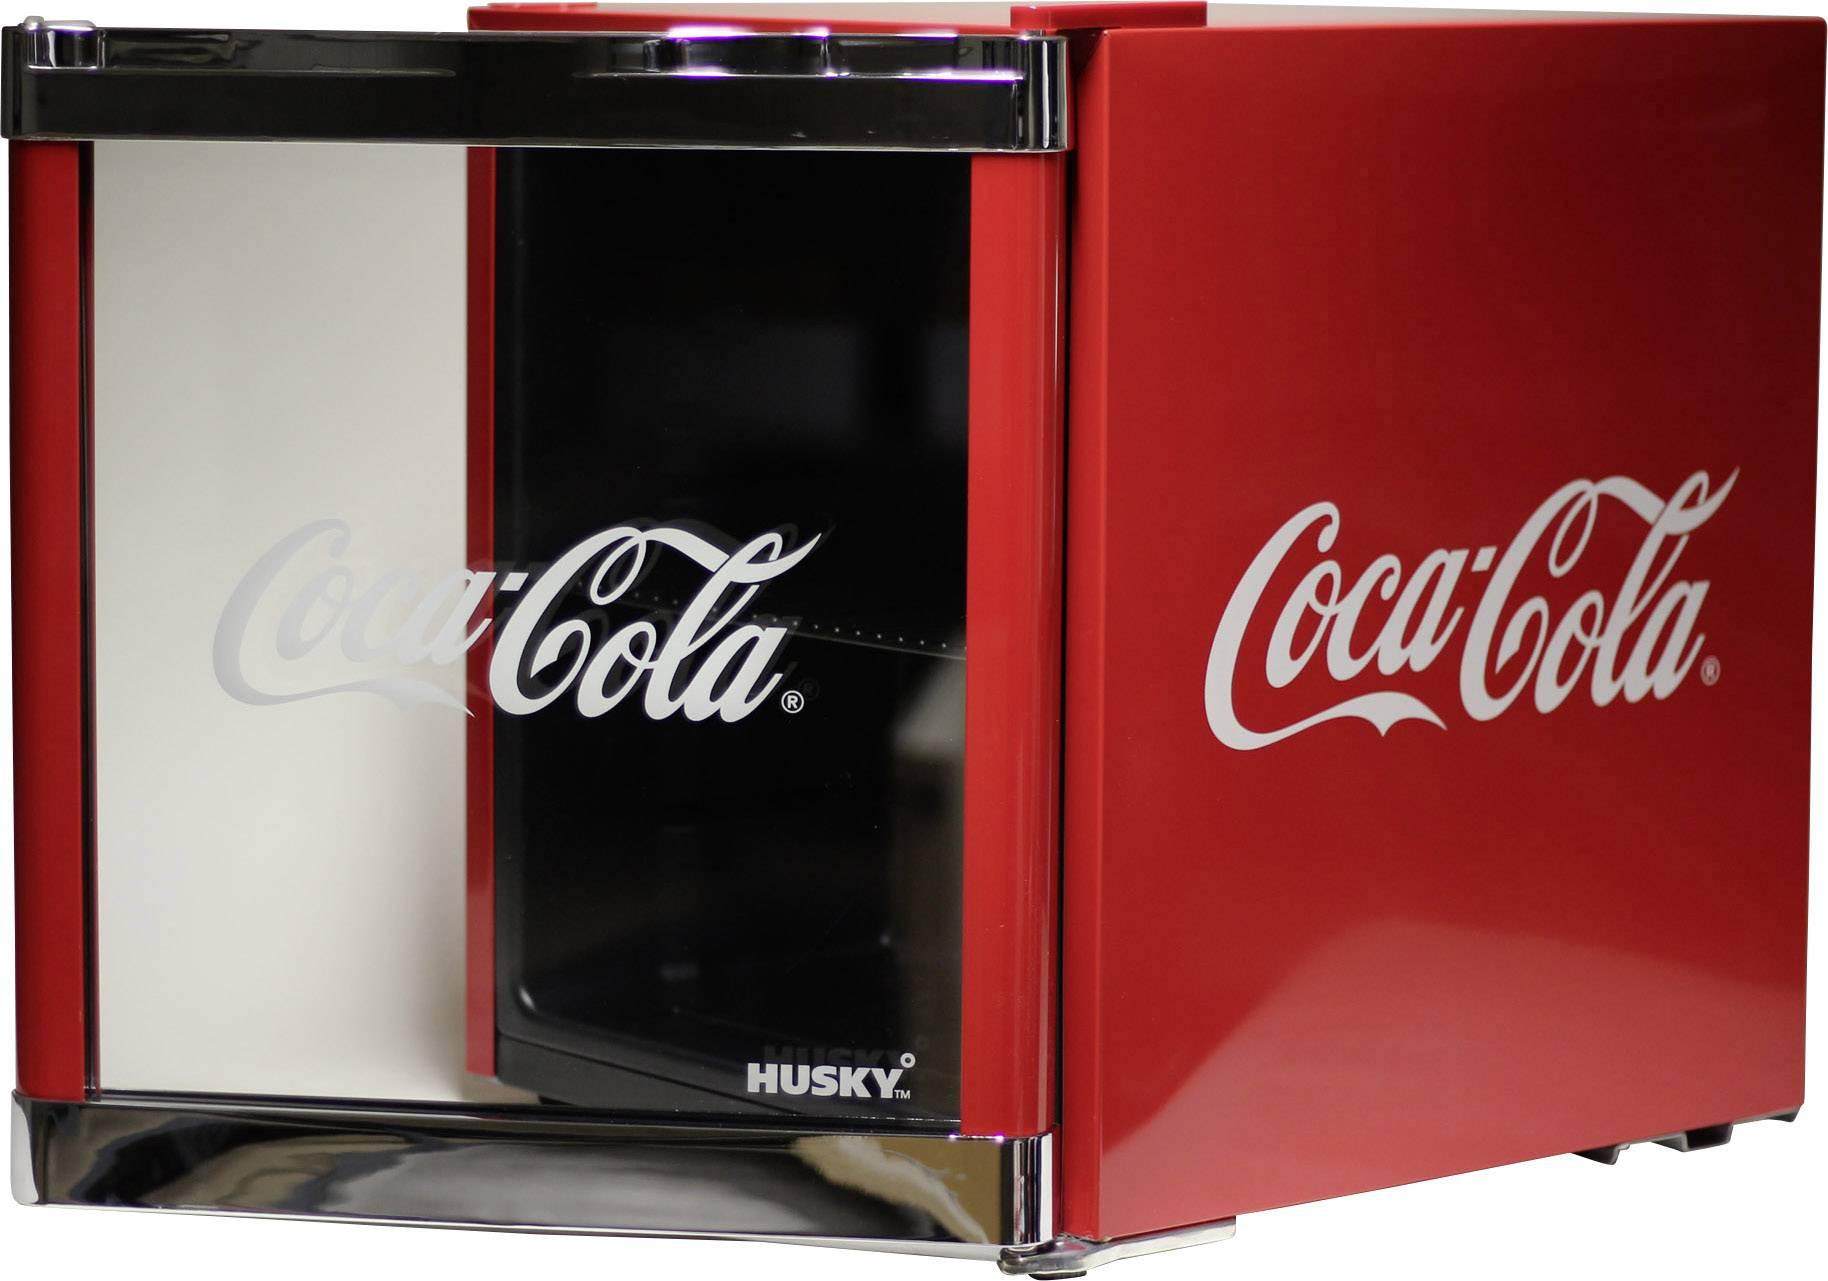 Kühlschrank Coco Cola : Kühlschrank husky coolcube cocacola eek a a d